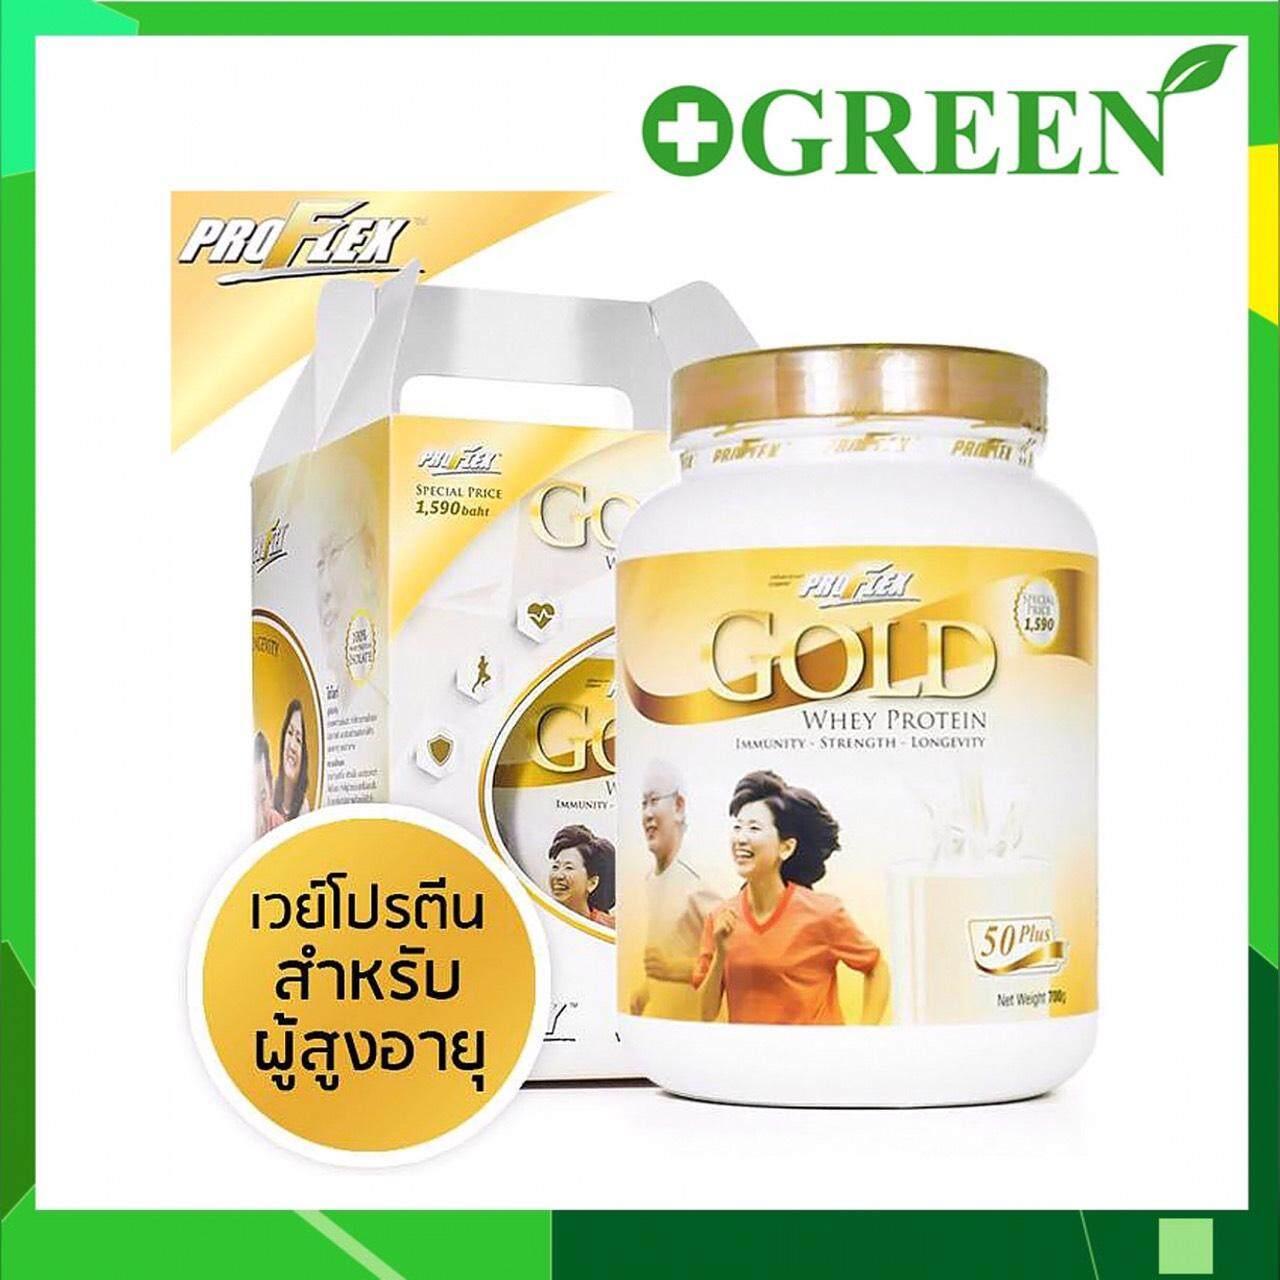 ล็อตใหม่ EXP 040621 Proflex Whey Protein Gold 700 g. เวย์โปรตีนสำหรับผู้สูงอายุ ขนาด 700 กรัม EXP 15